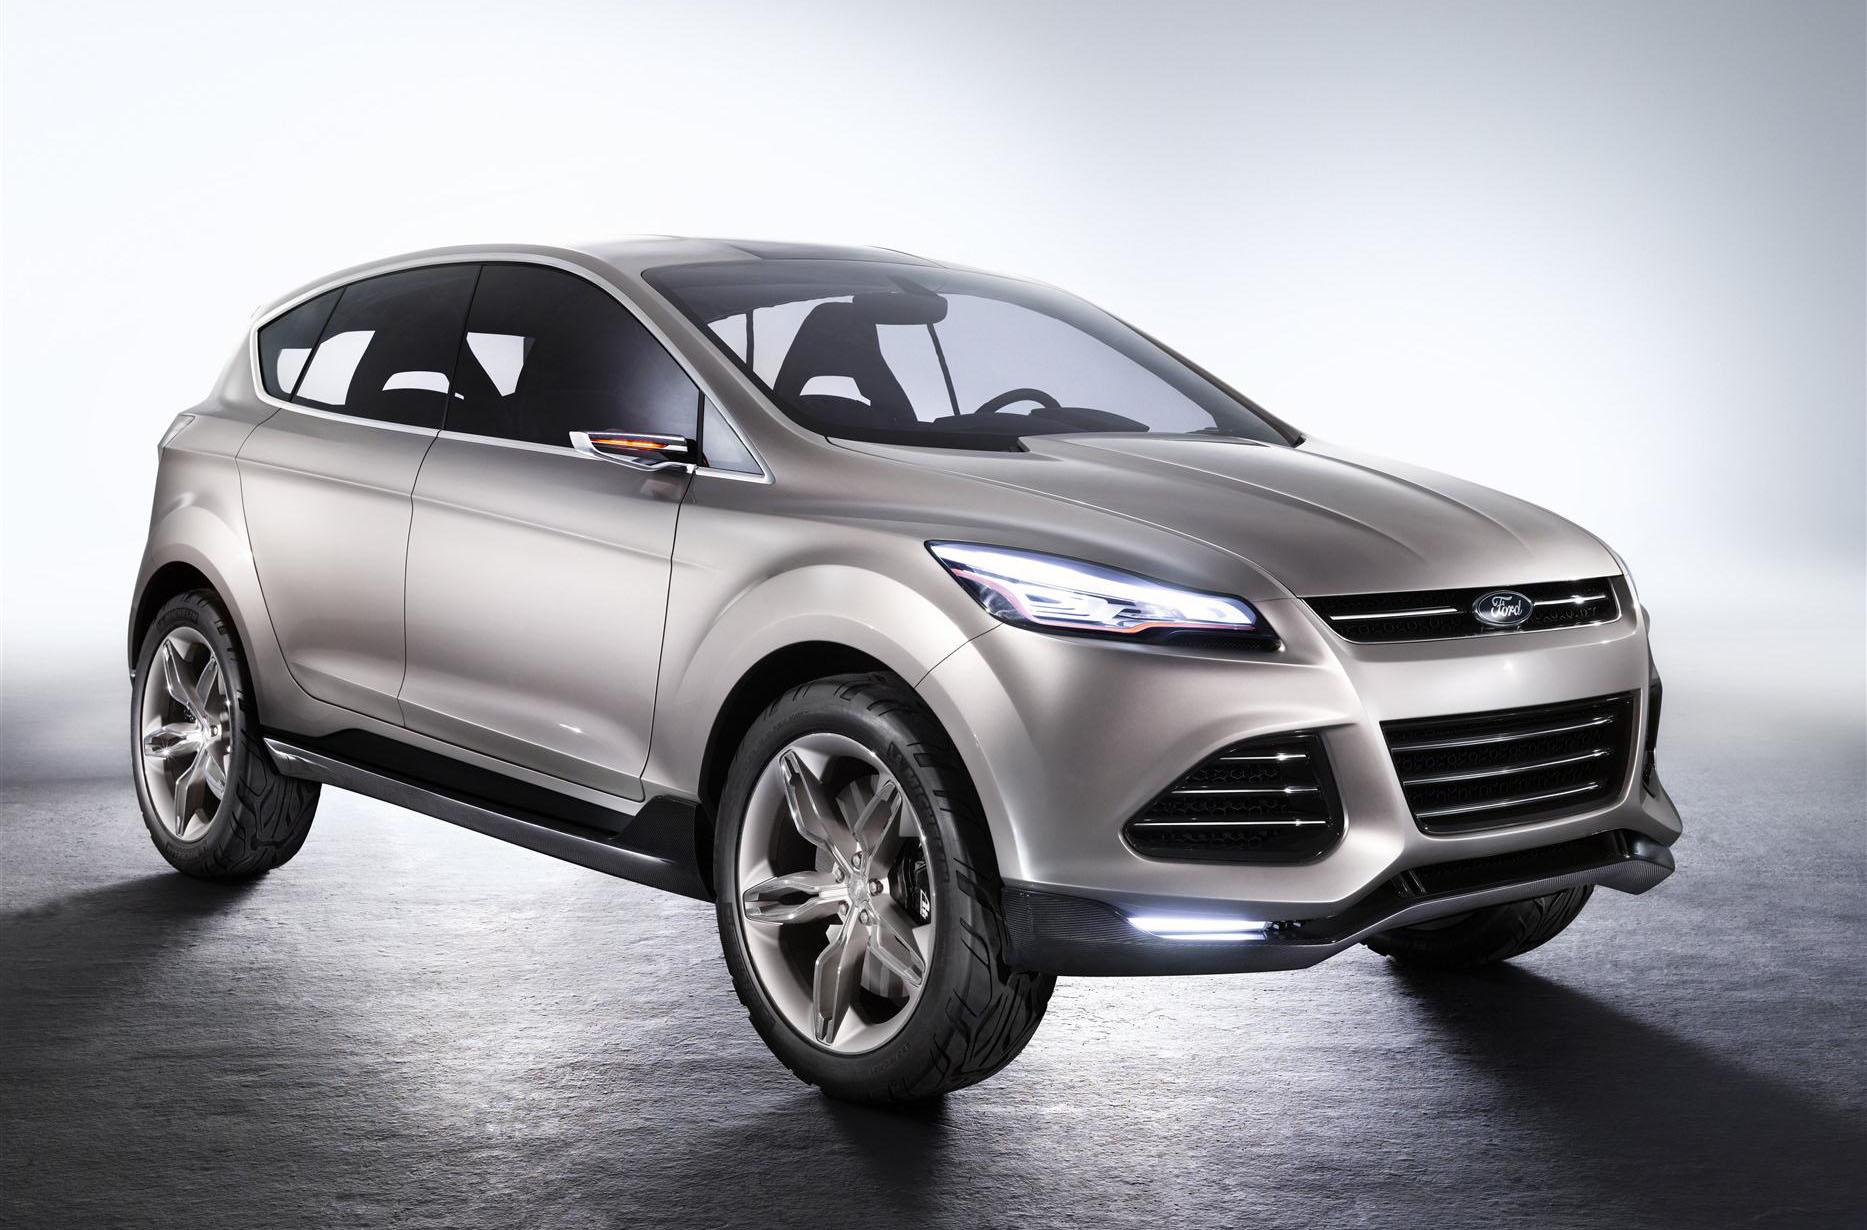 2013 Ford Escape Crossover Will Boost Gas Mileage Drop V 6